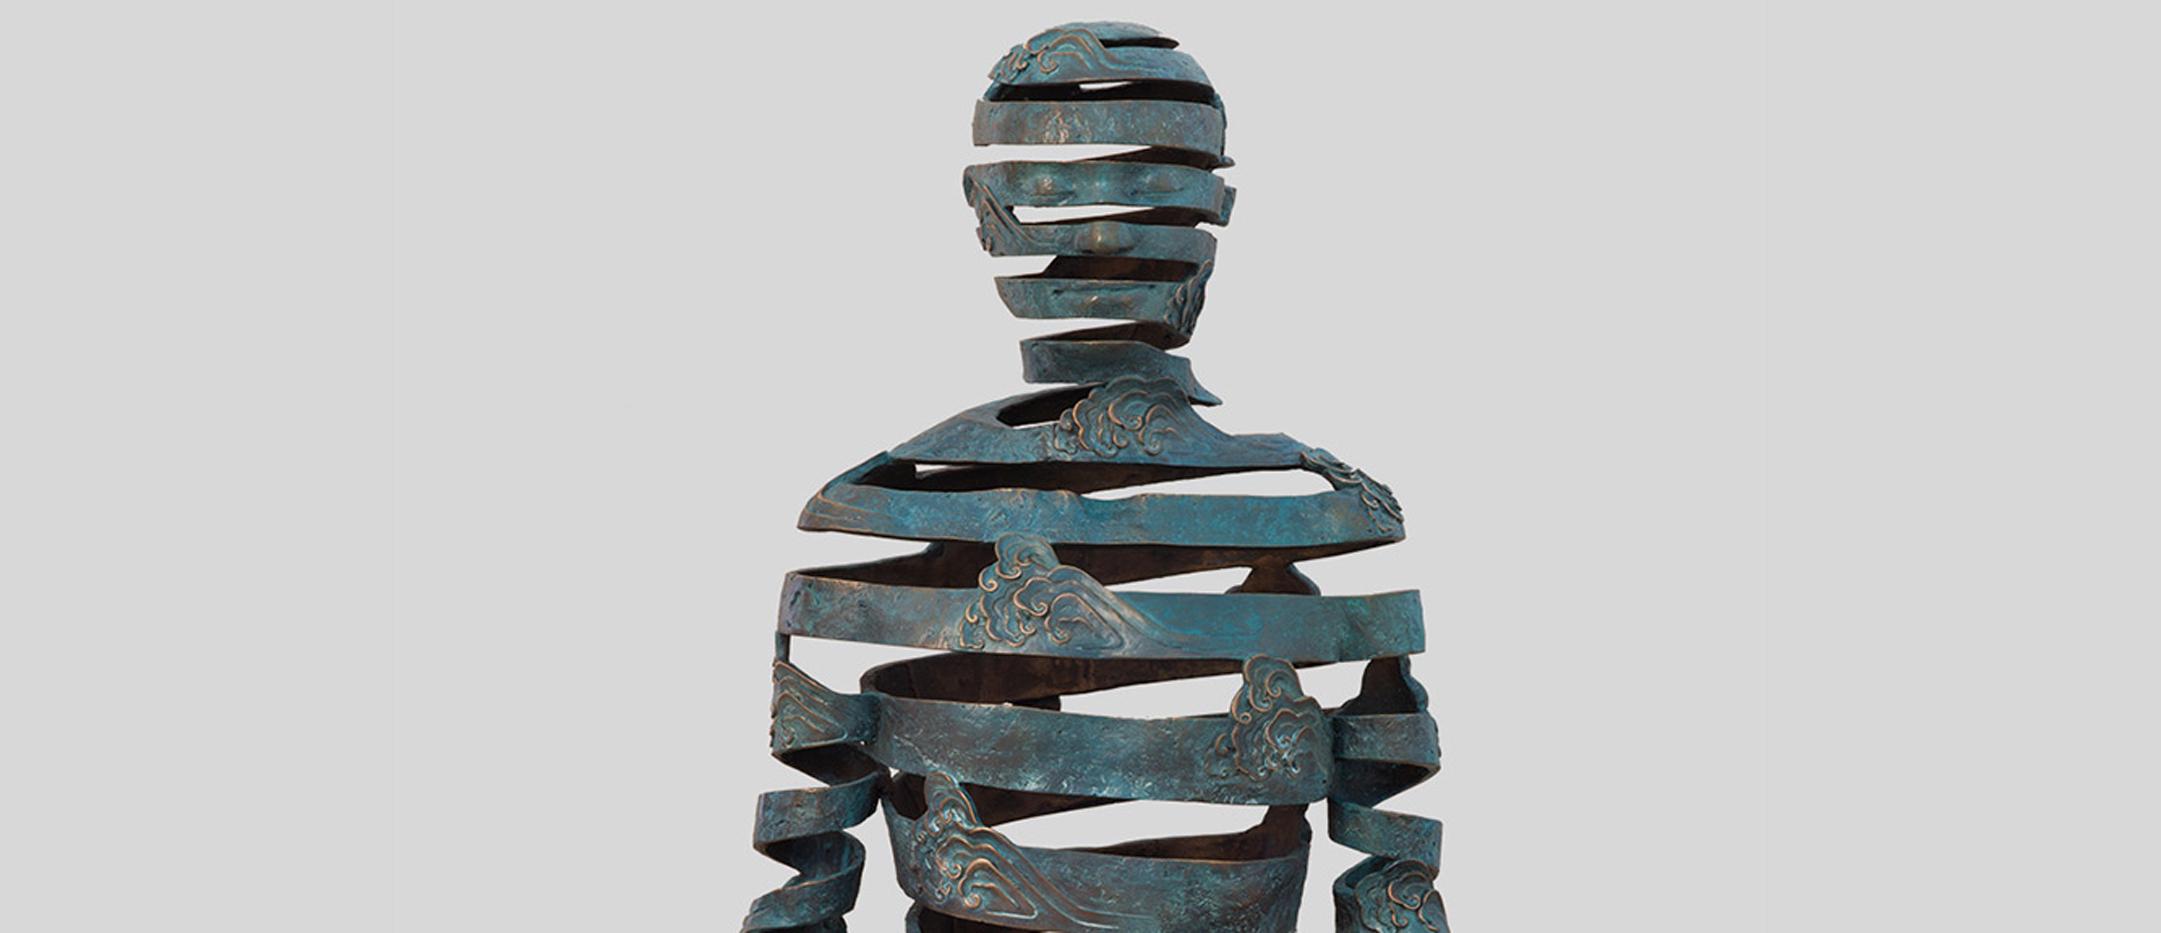 Escultura de Sukhi Barber. www.suhibarber.com